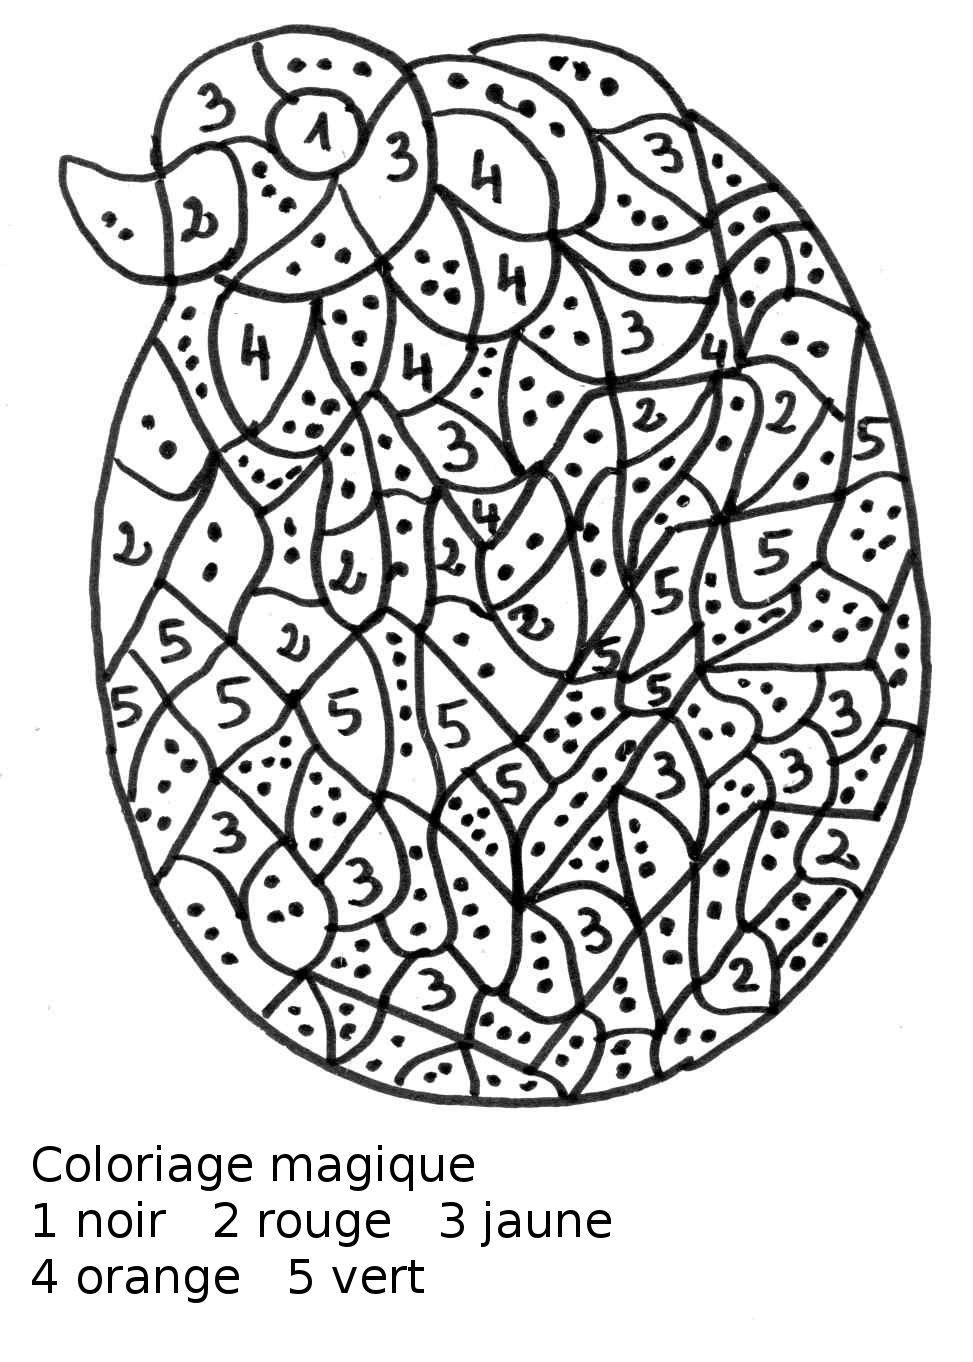 Maternelle: Coloriage Magique Maternelle, Oeuf De Pâques avec Oeufs De Paques À Colorier